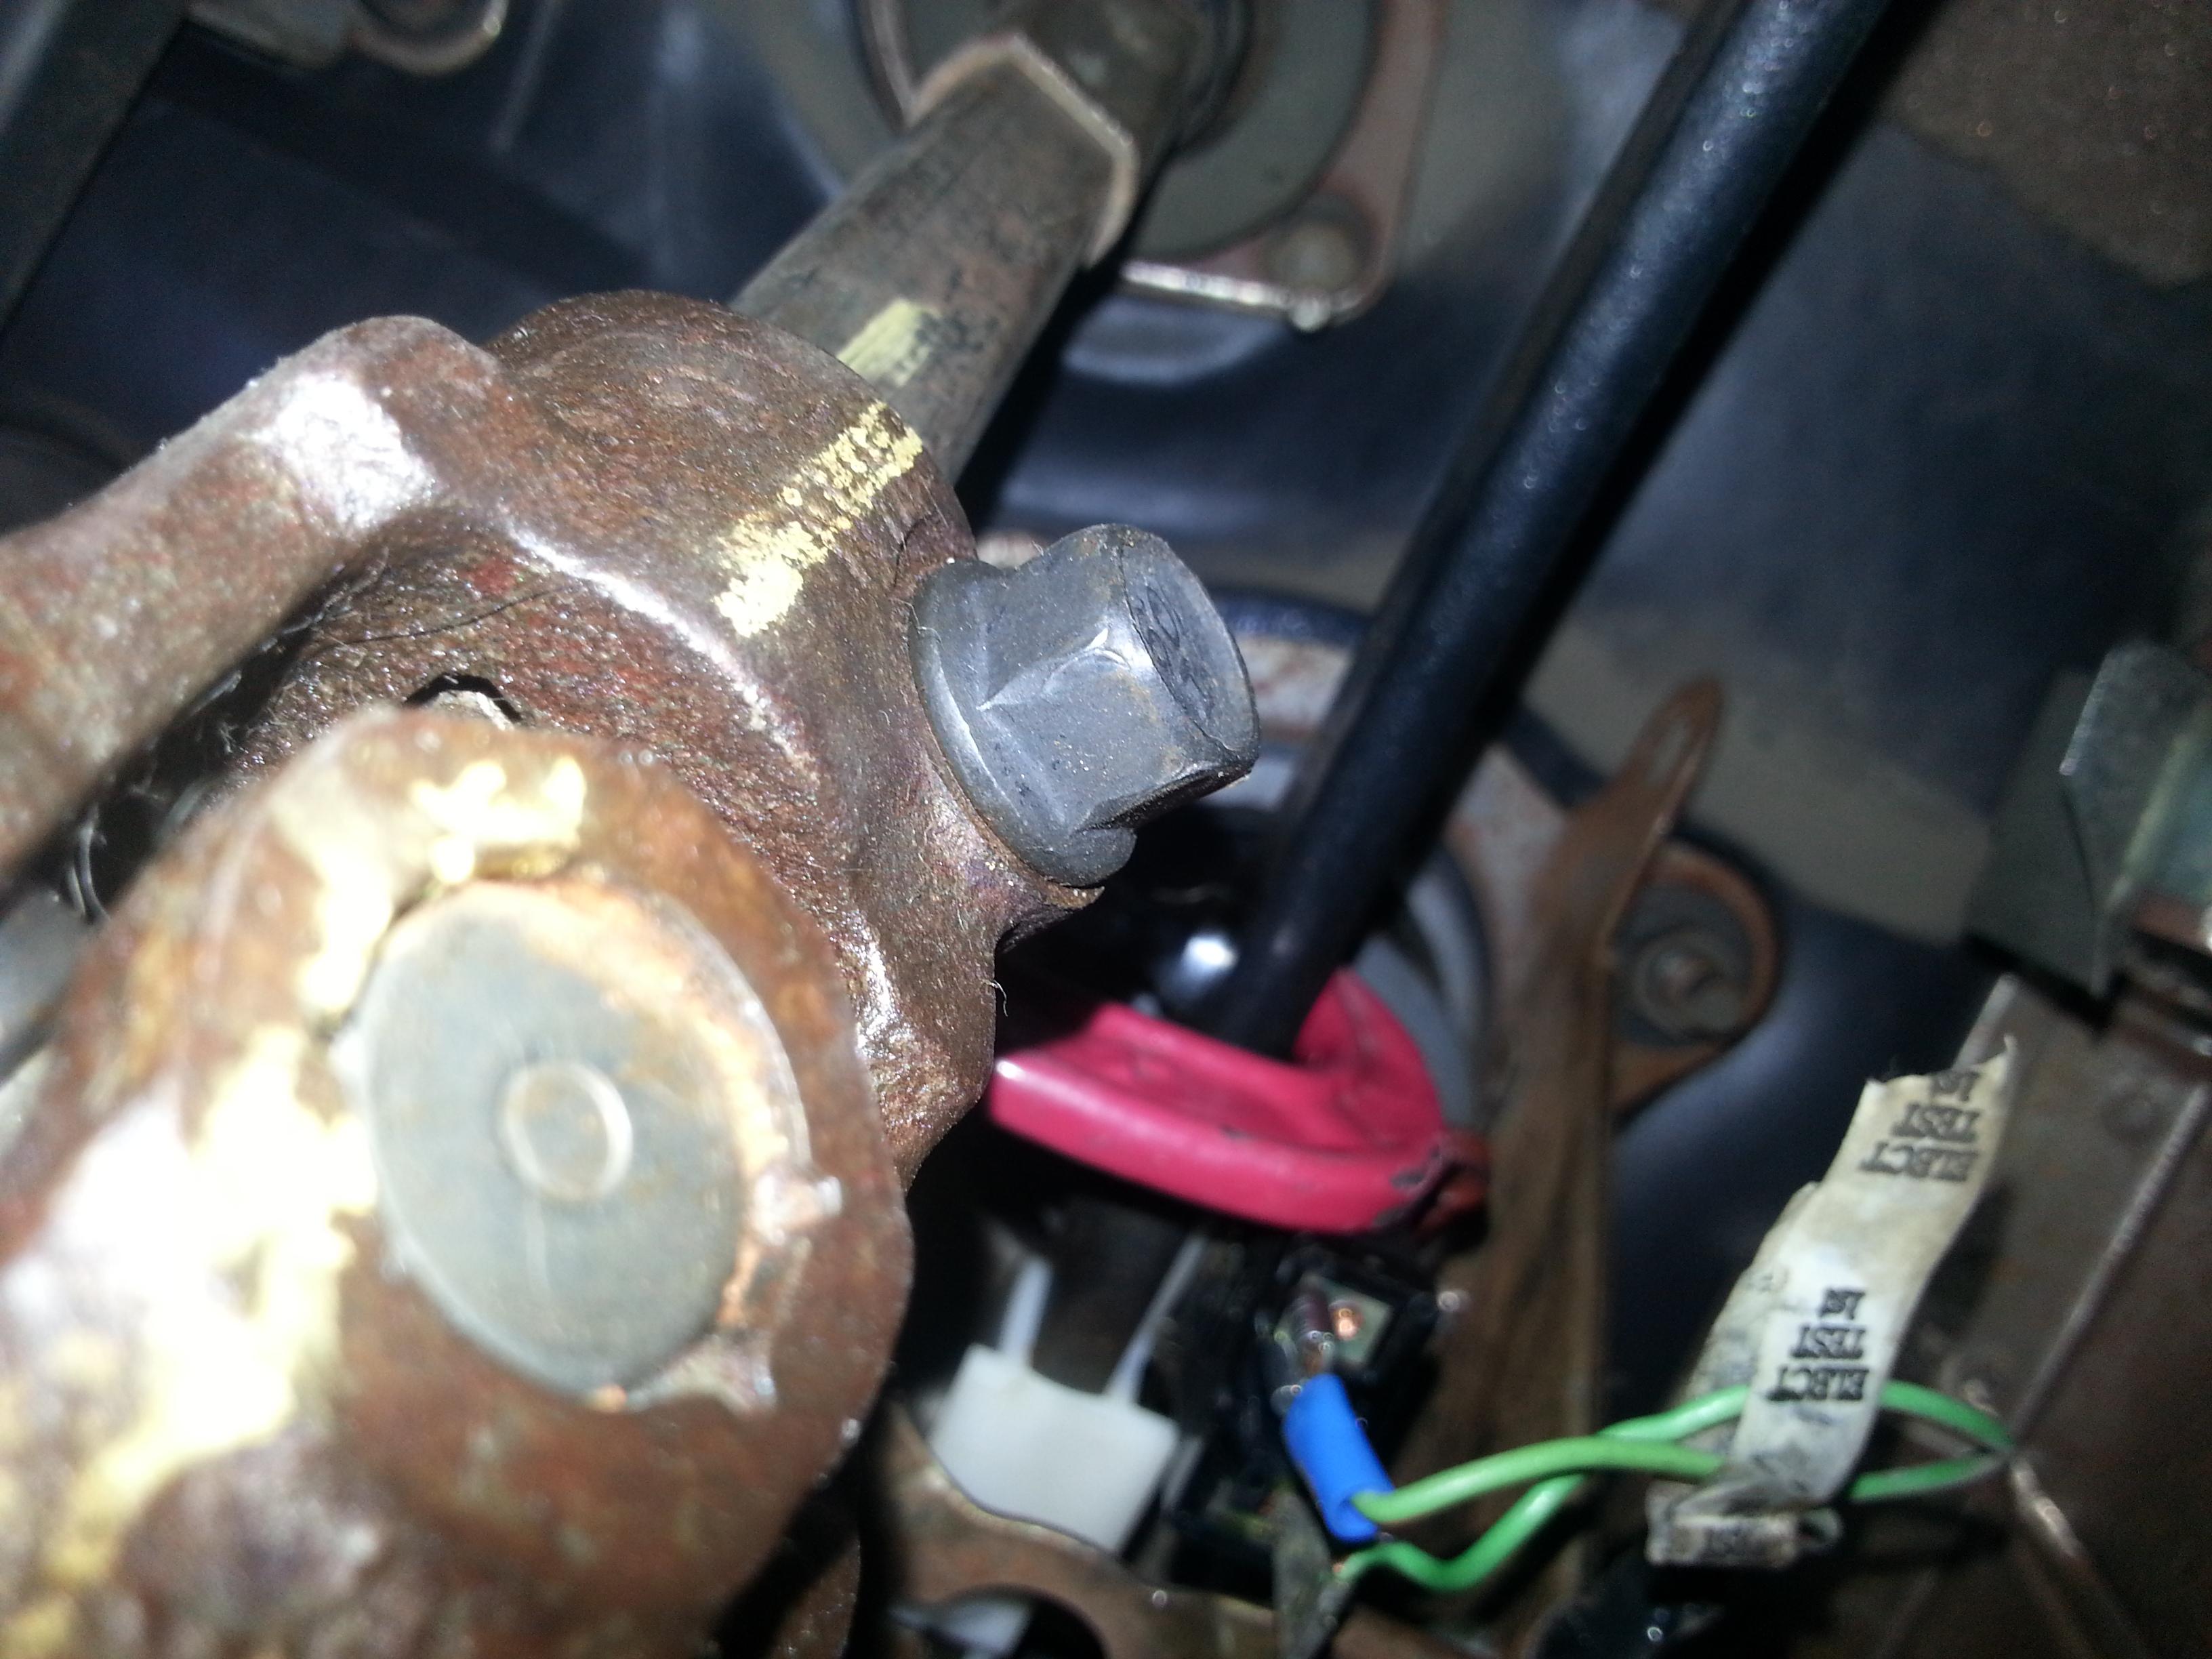 2002 Ford Explorer Wont Starteverything Else Electrical Works